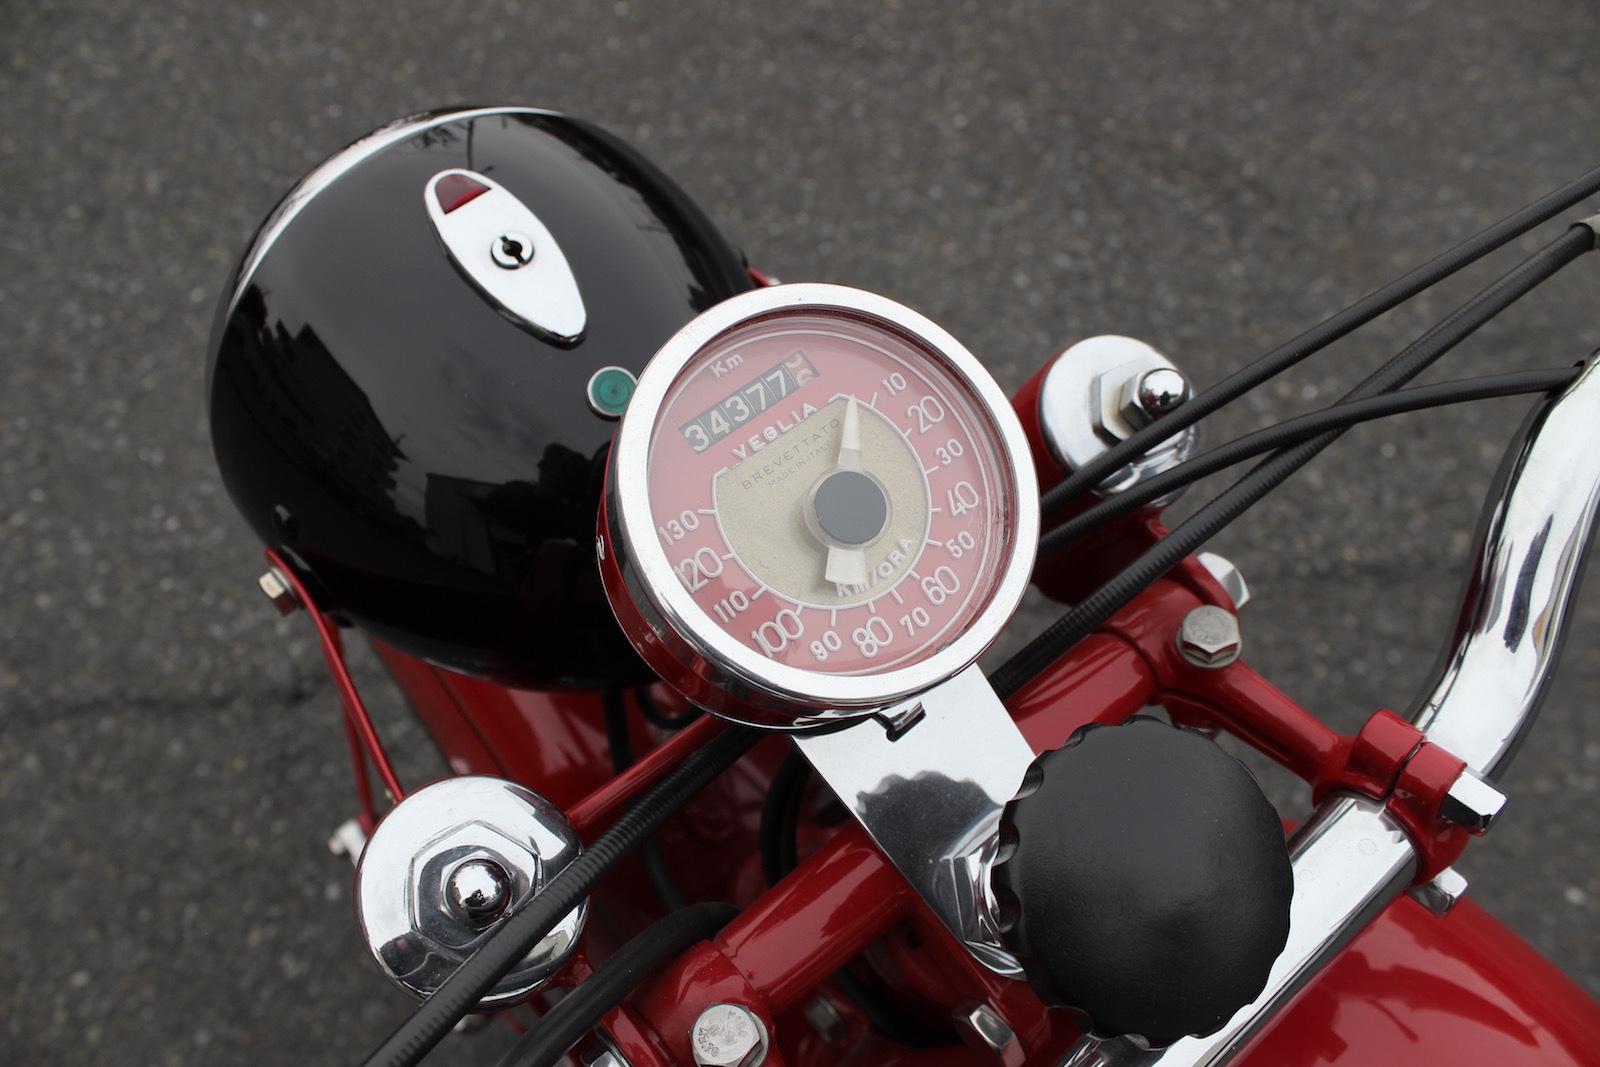 Moto Guzzi Airone Turismo 入荷。_a0208987_17583238.jpg